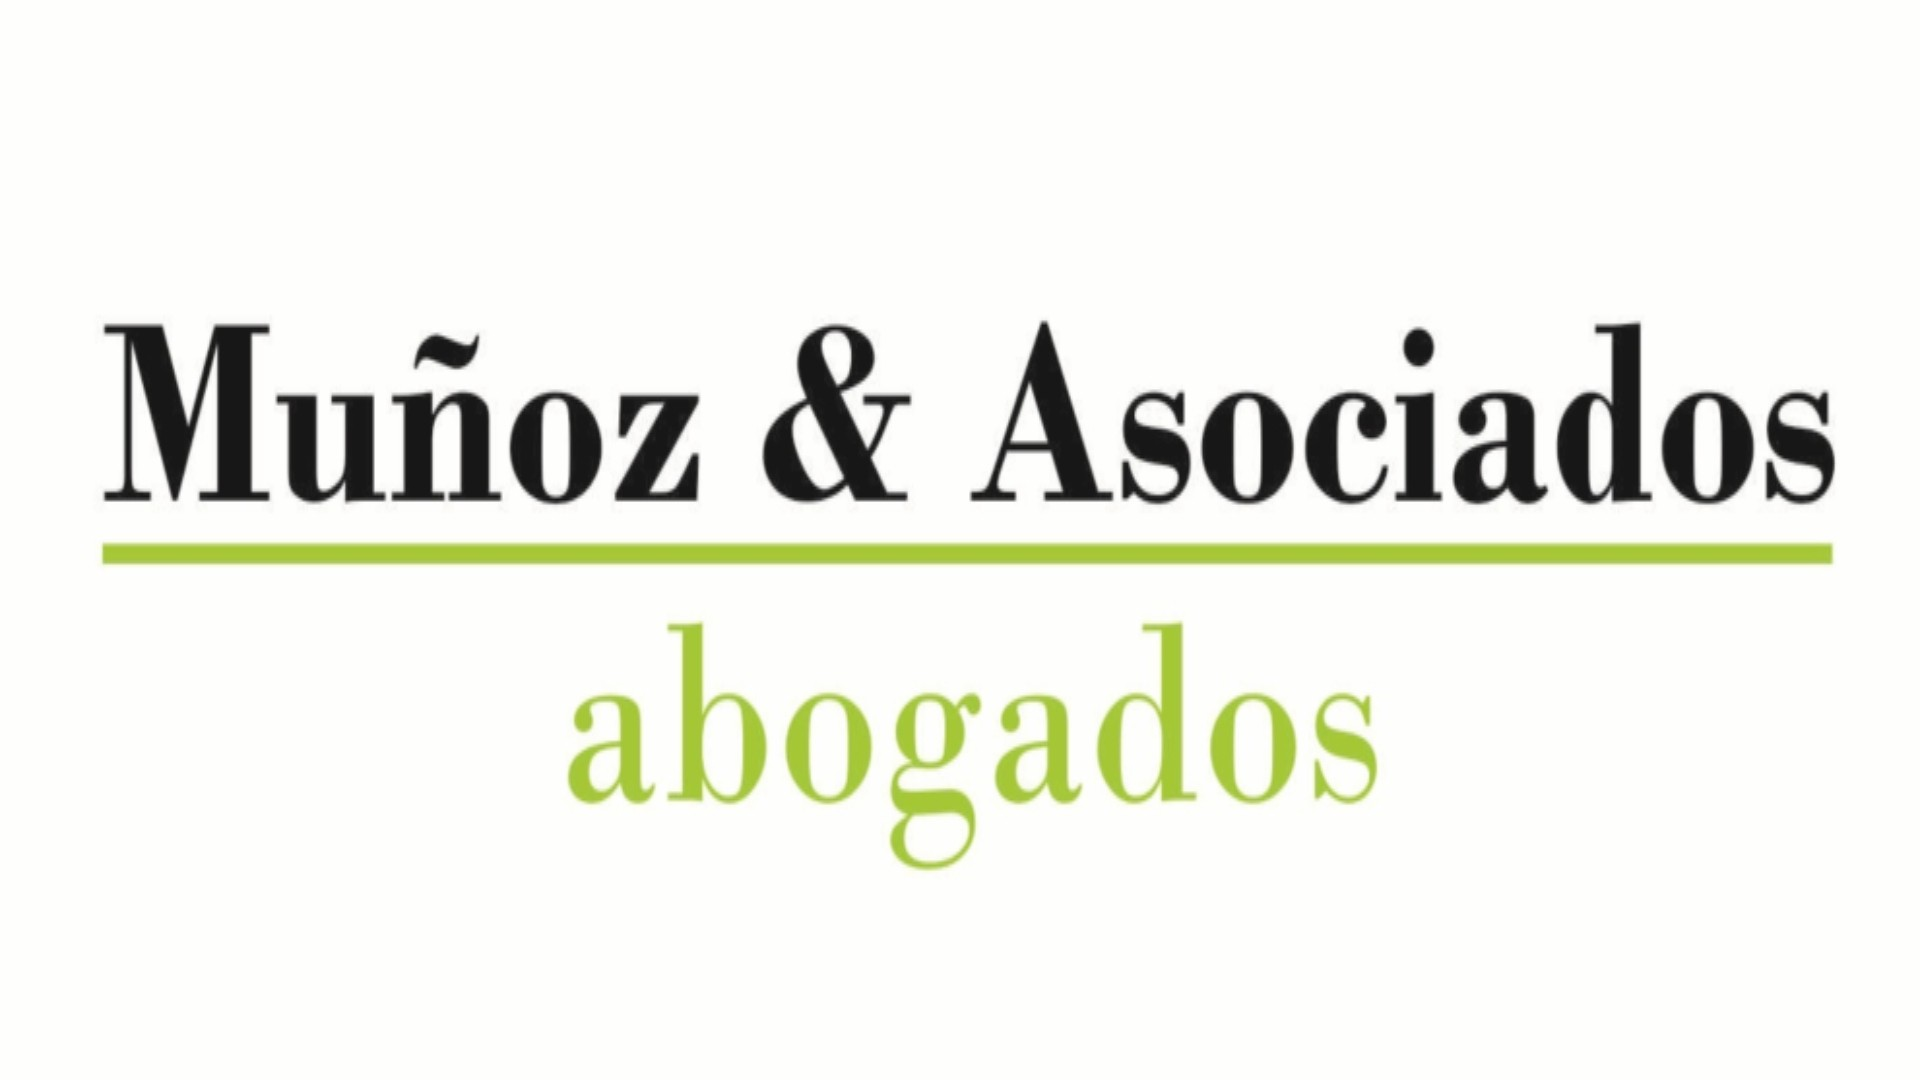 Muñoz & Asociados Abogados